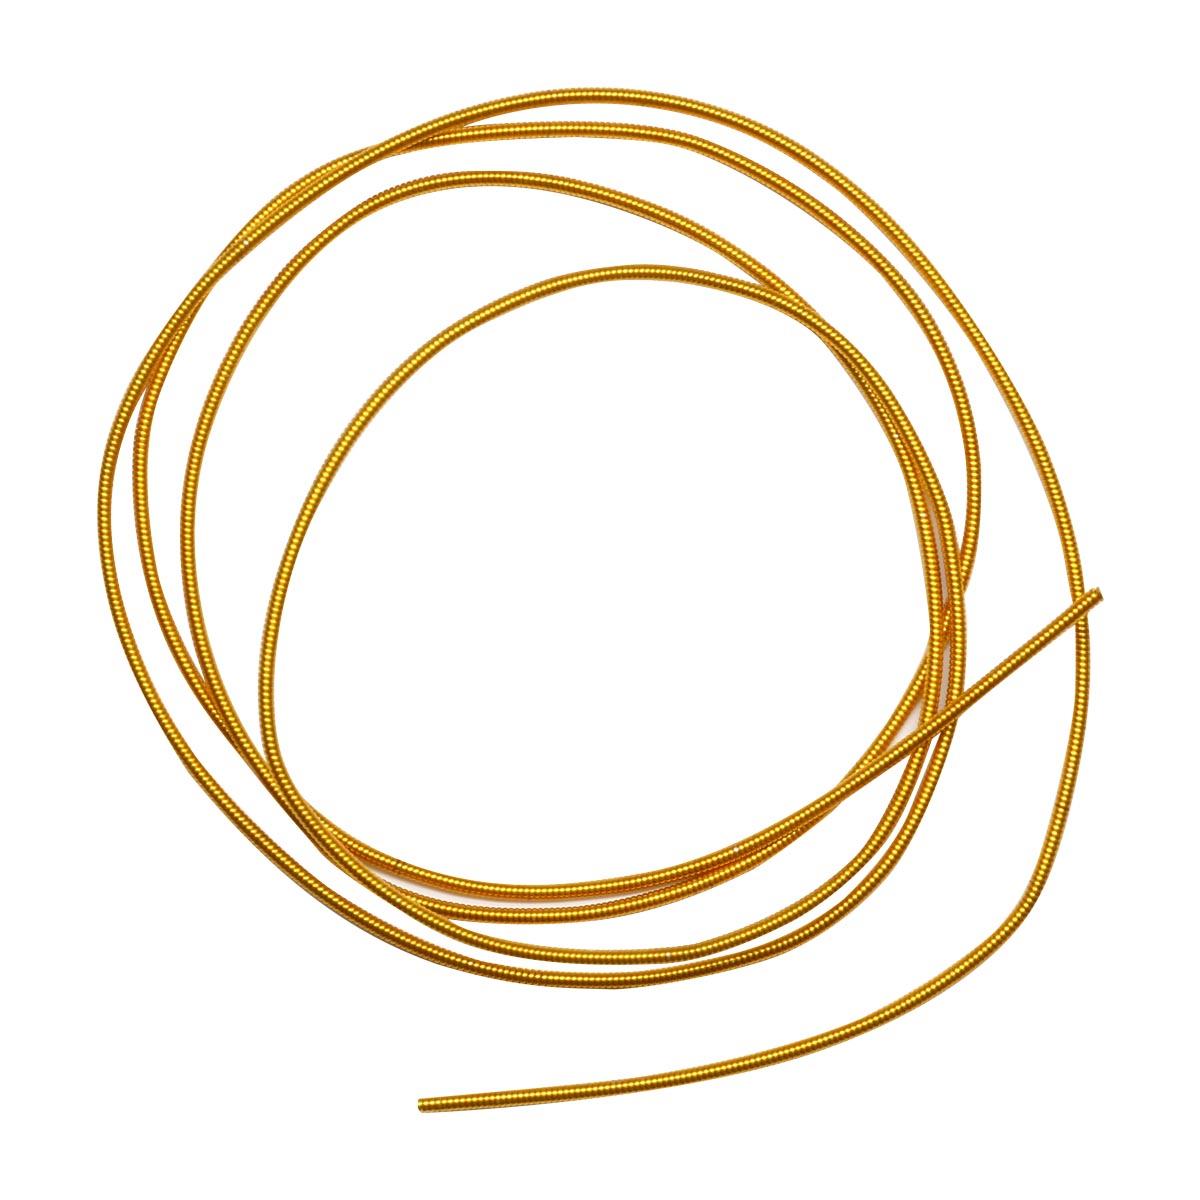 КЖ001НН12 Канитель жесткая Золото 1,2 мм +/- 0,1 гр.